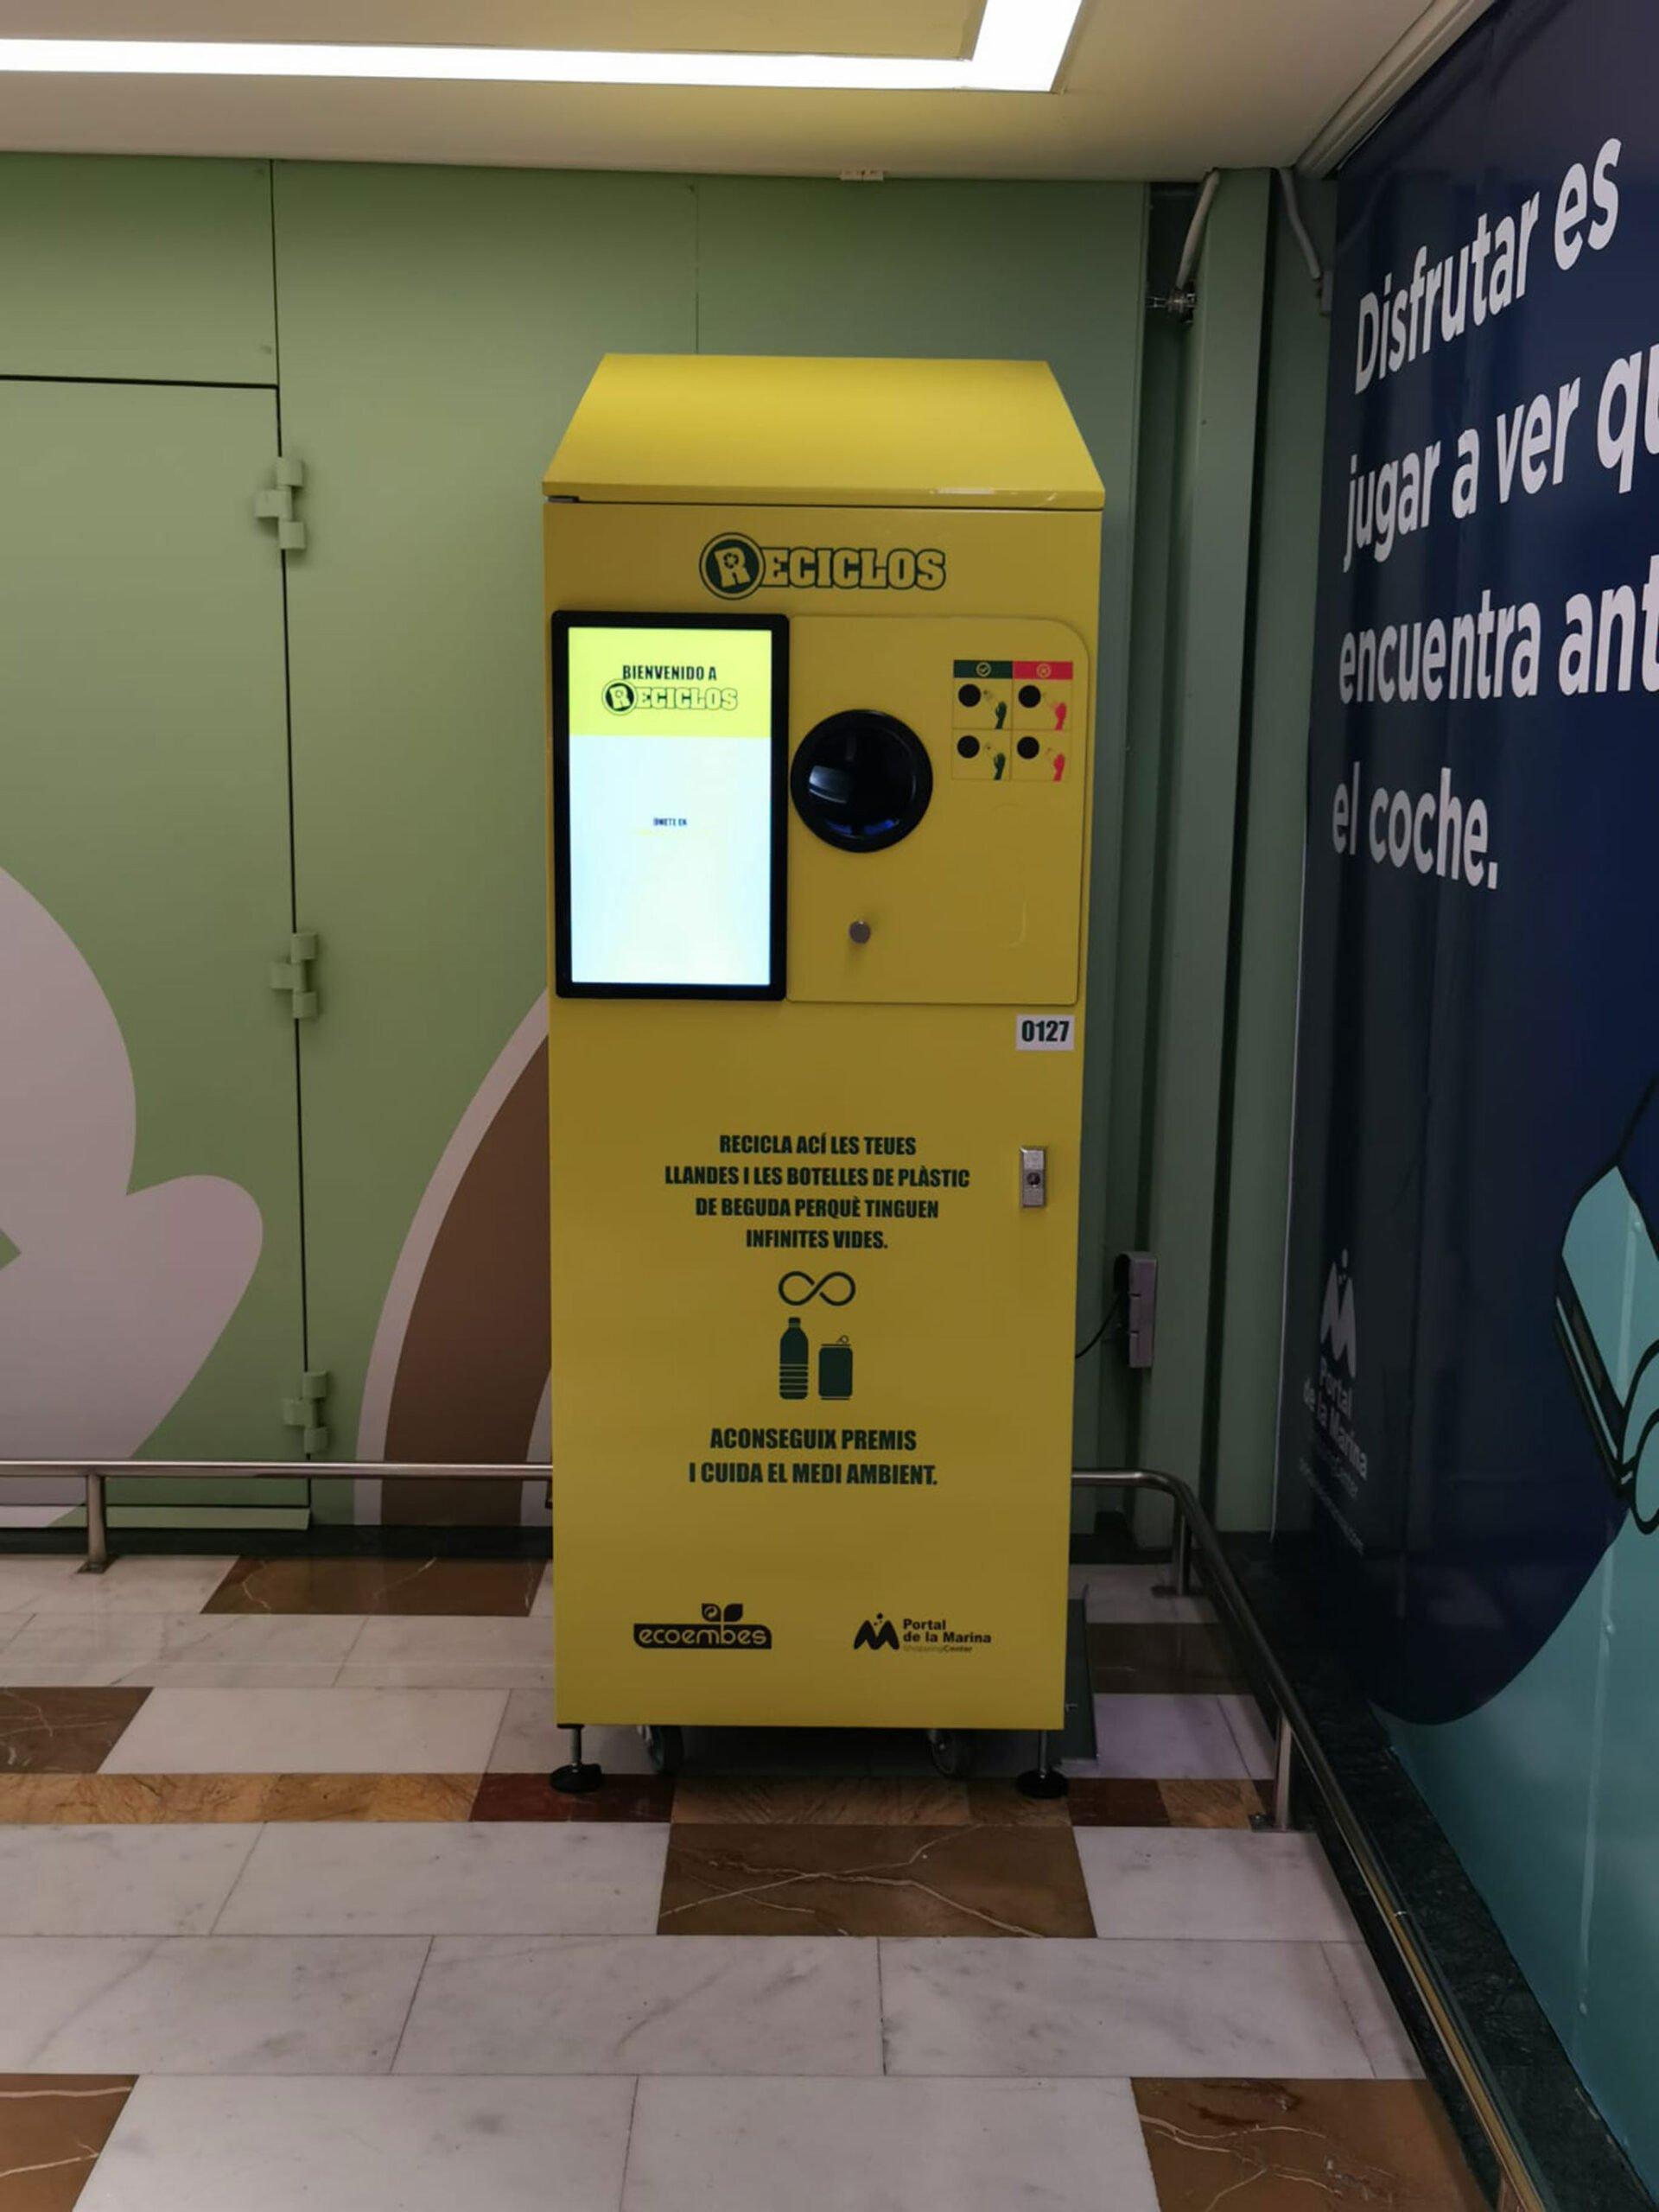 Maquinas reciclos – Portal de la Marina,